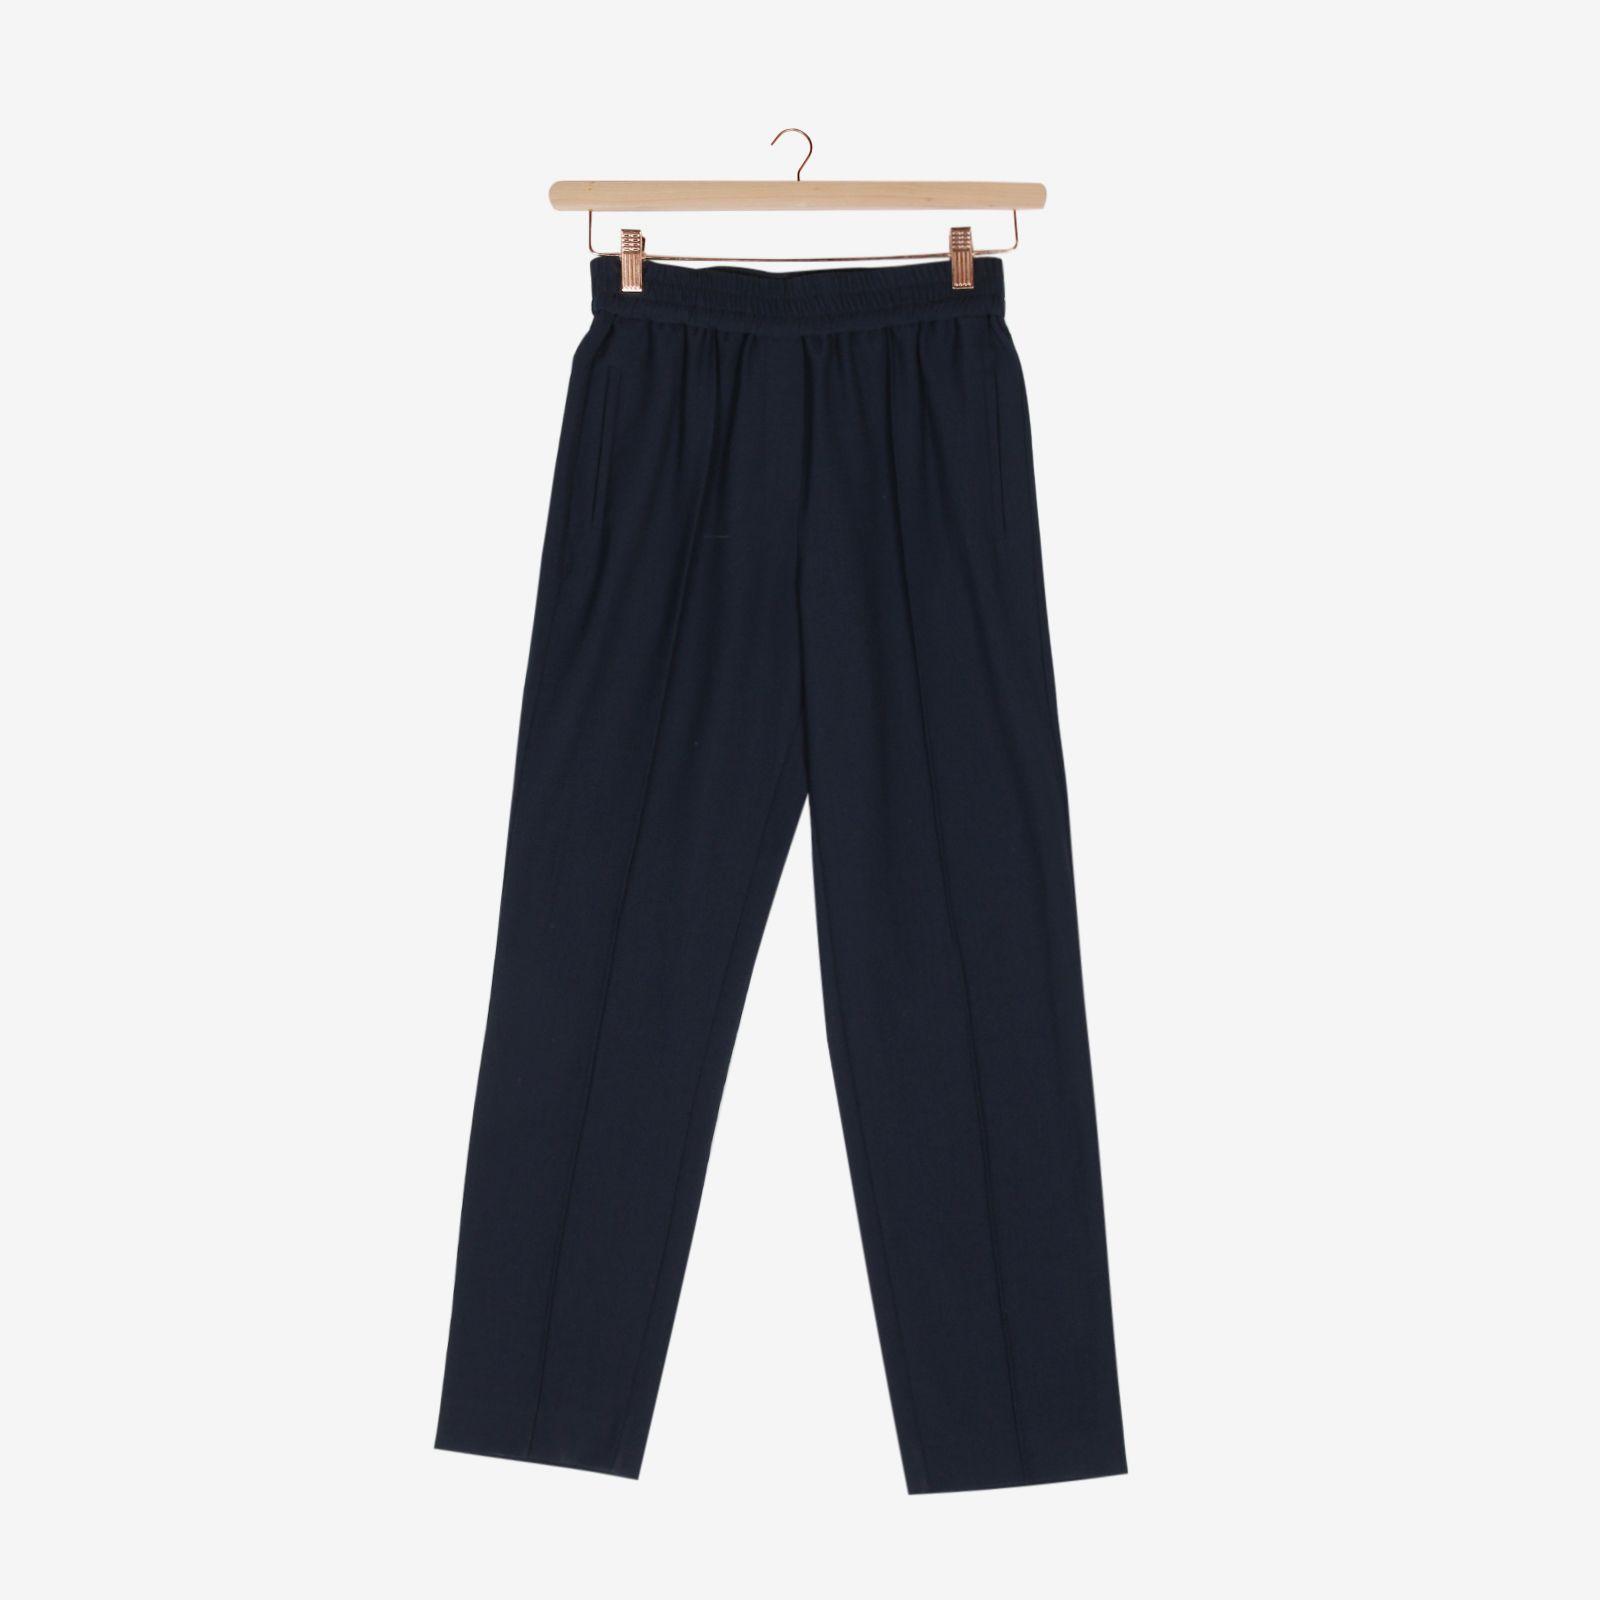 Blauwe tapered broek